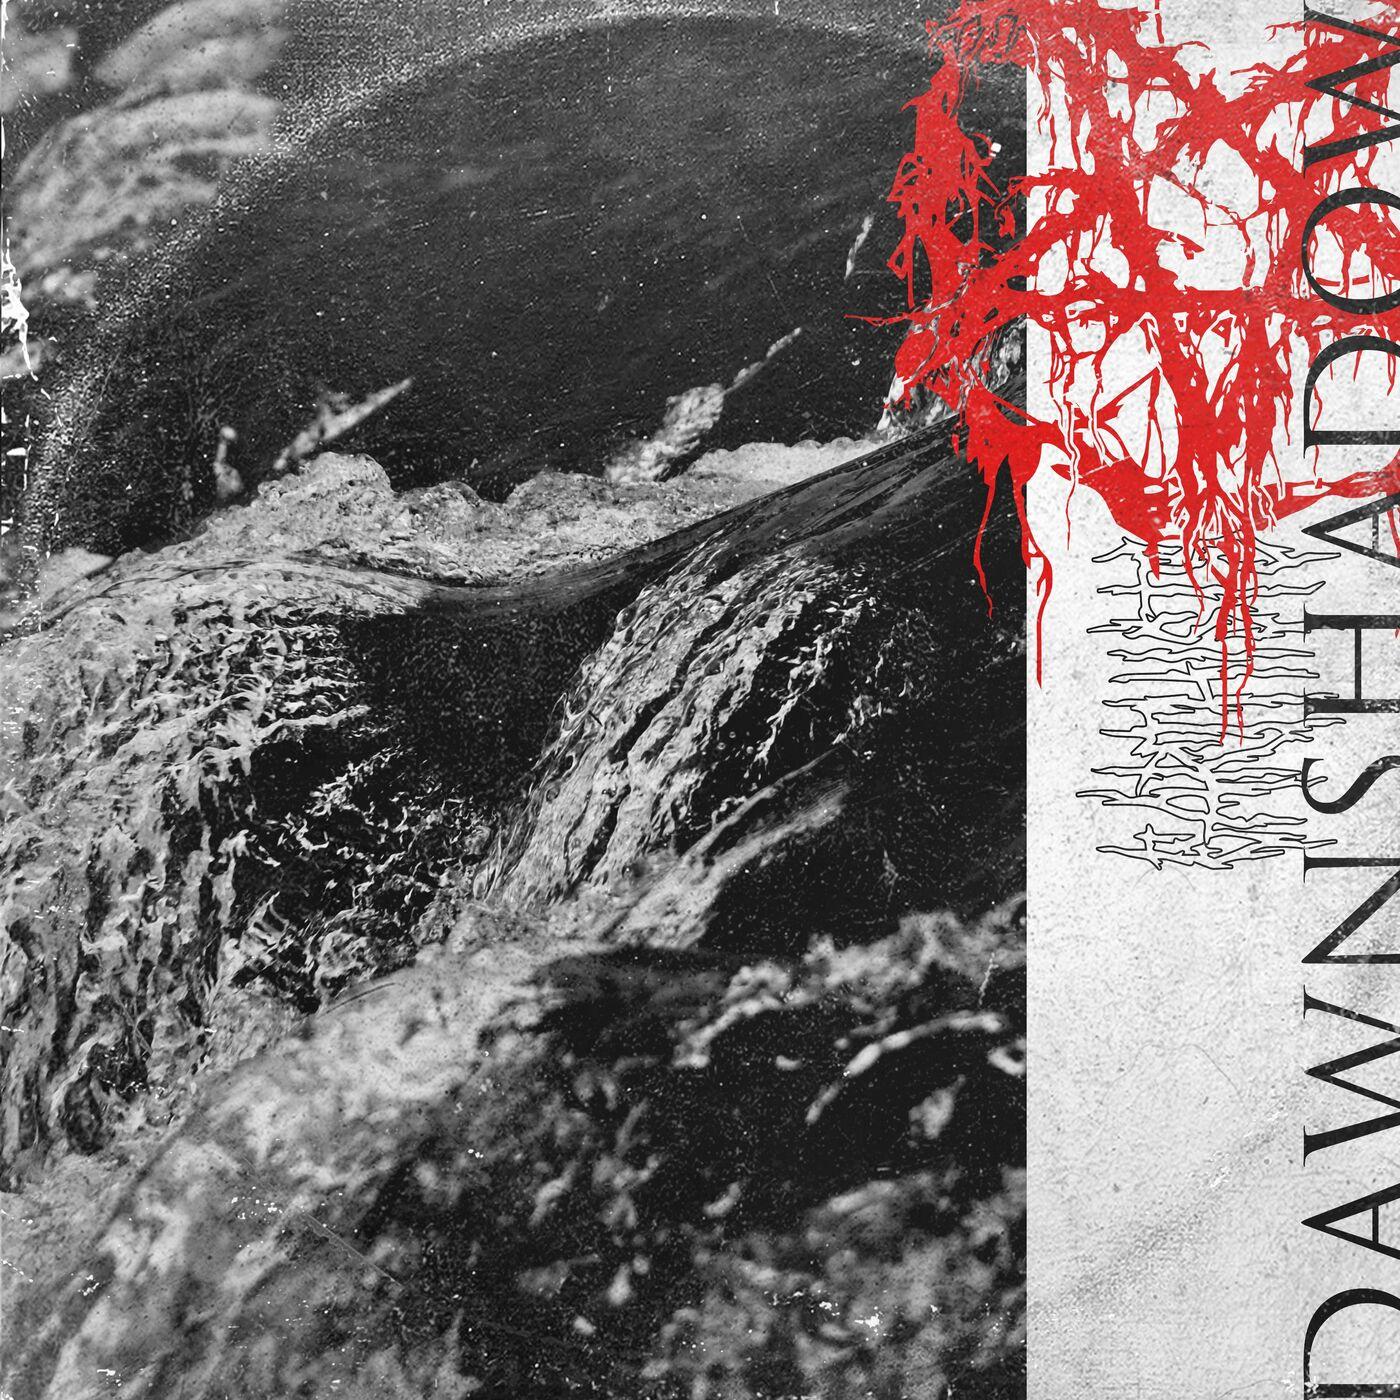 Earthists. - DAWNSHADOW [single] (2020)